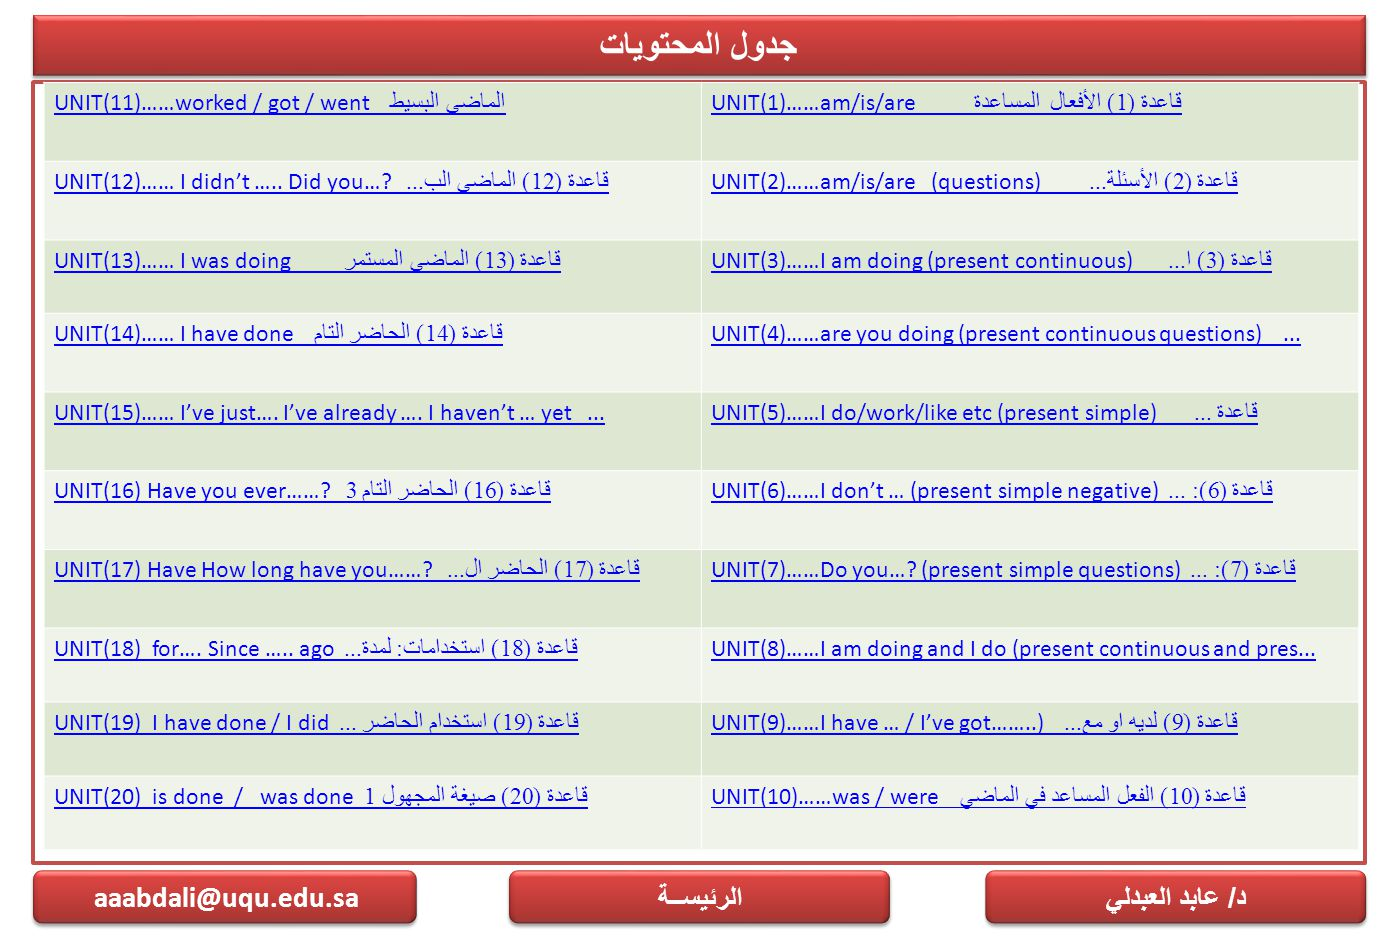 جدول المحتويات aaabdali@uqu.edu.sa الرئيســة د/ عابد العبدلي